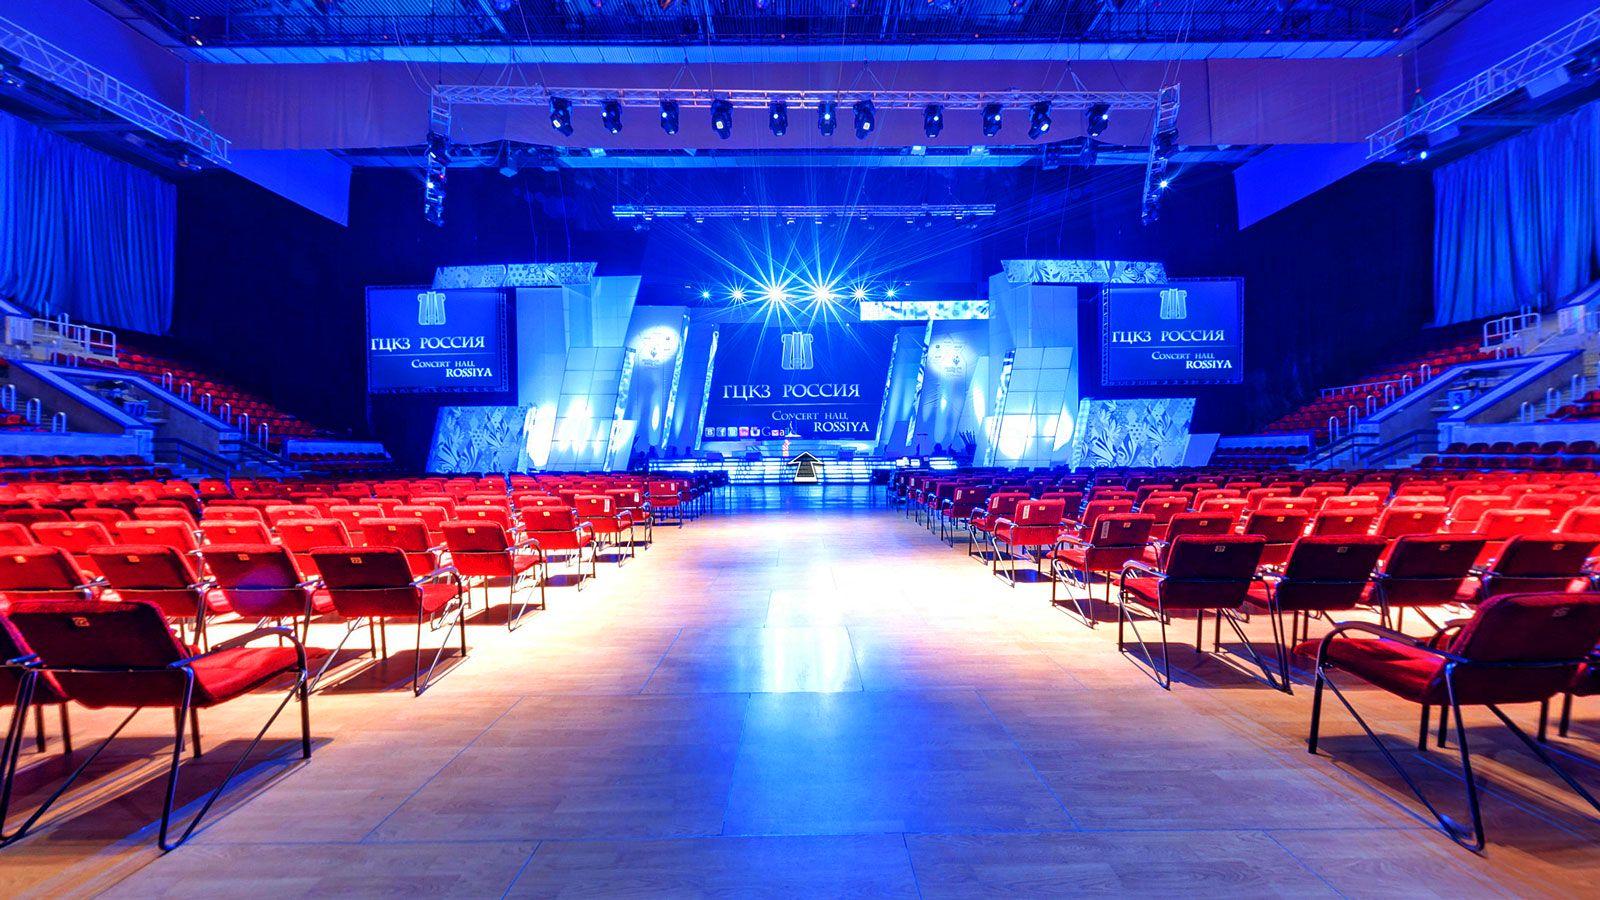 Дворец спорта лужники фото зала